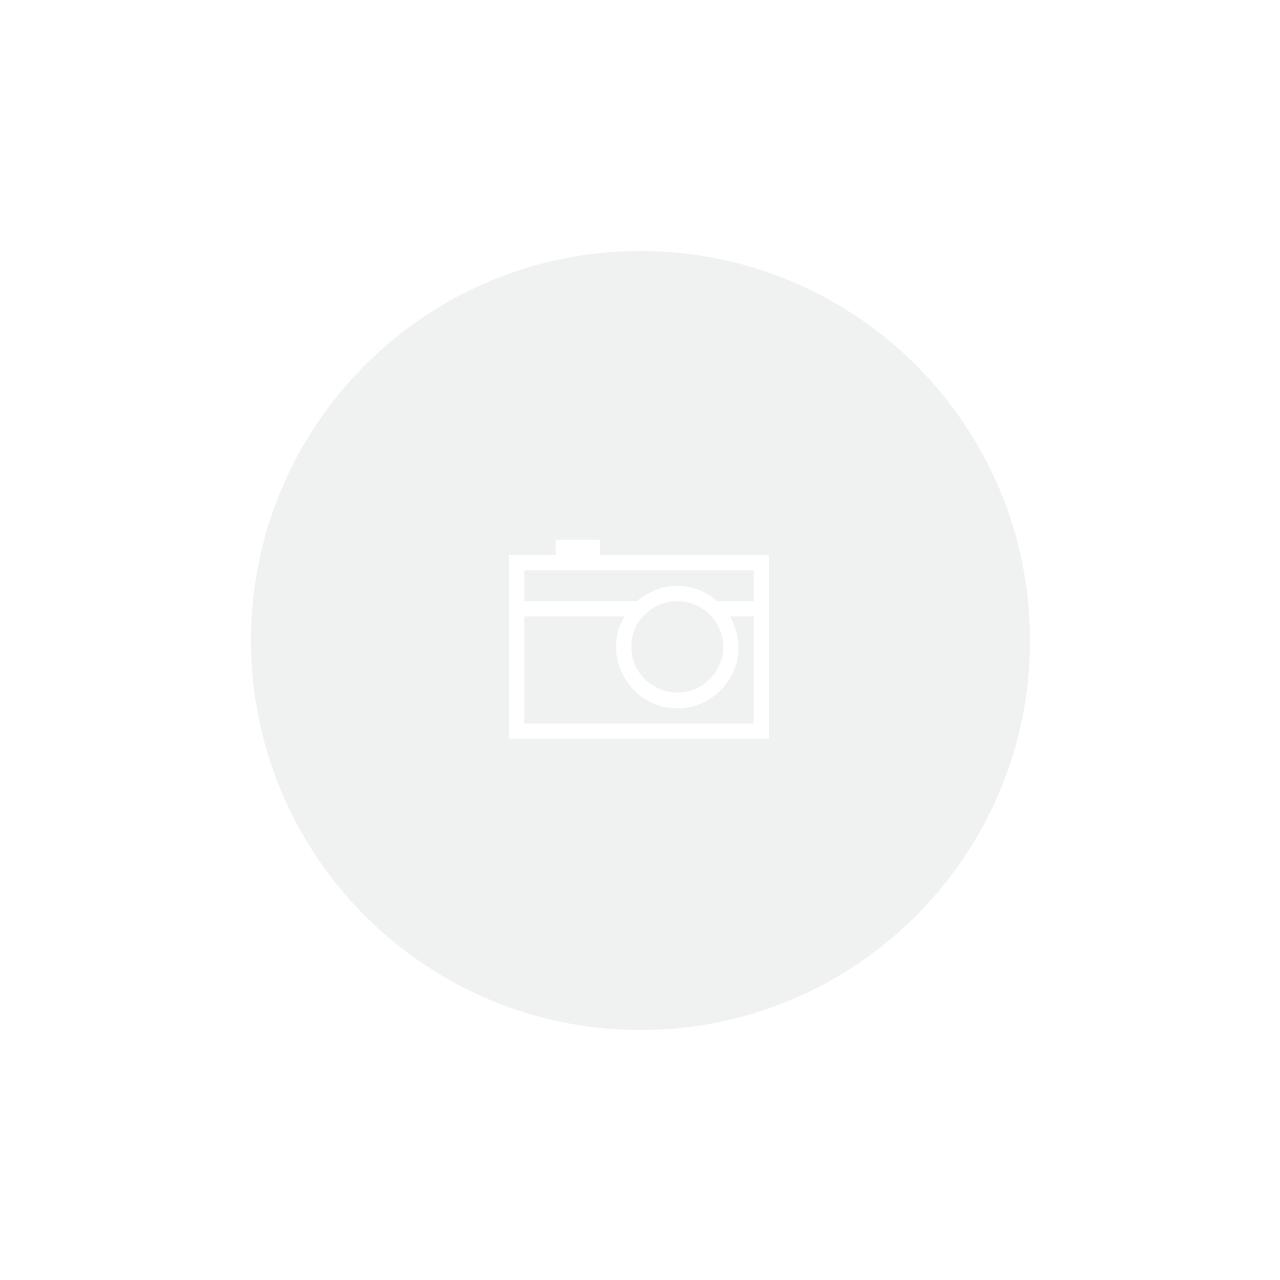 Caixa para Cha 23,5x8,9x8,5cm em Acrilico com 3 Divisorias